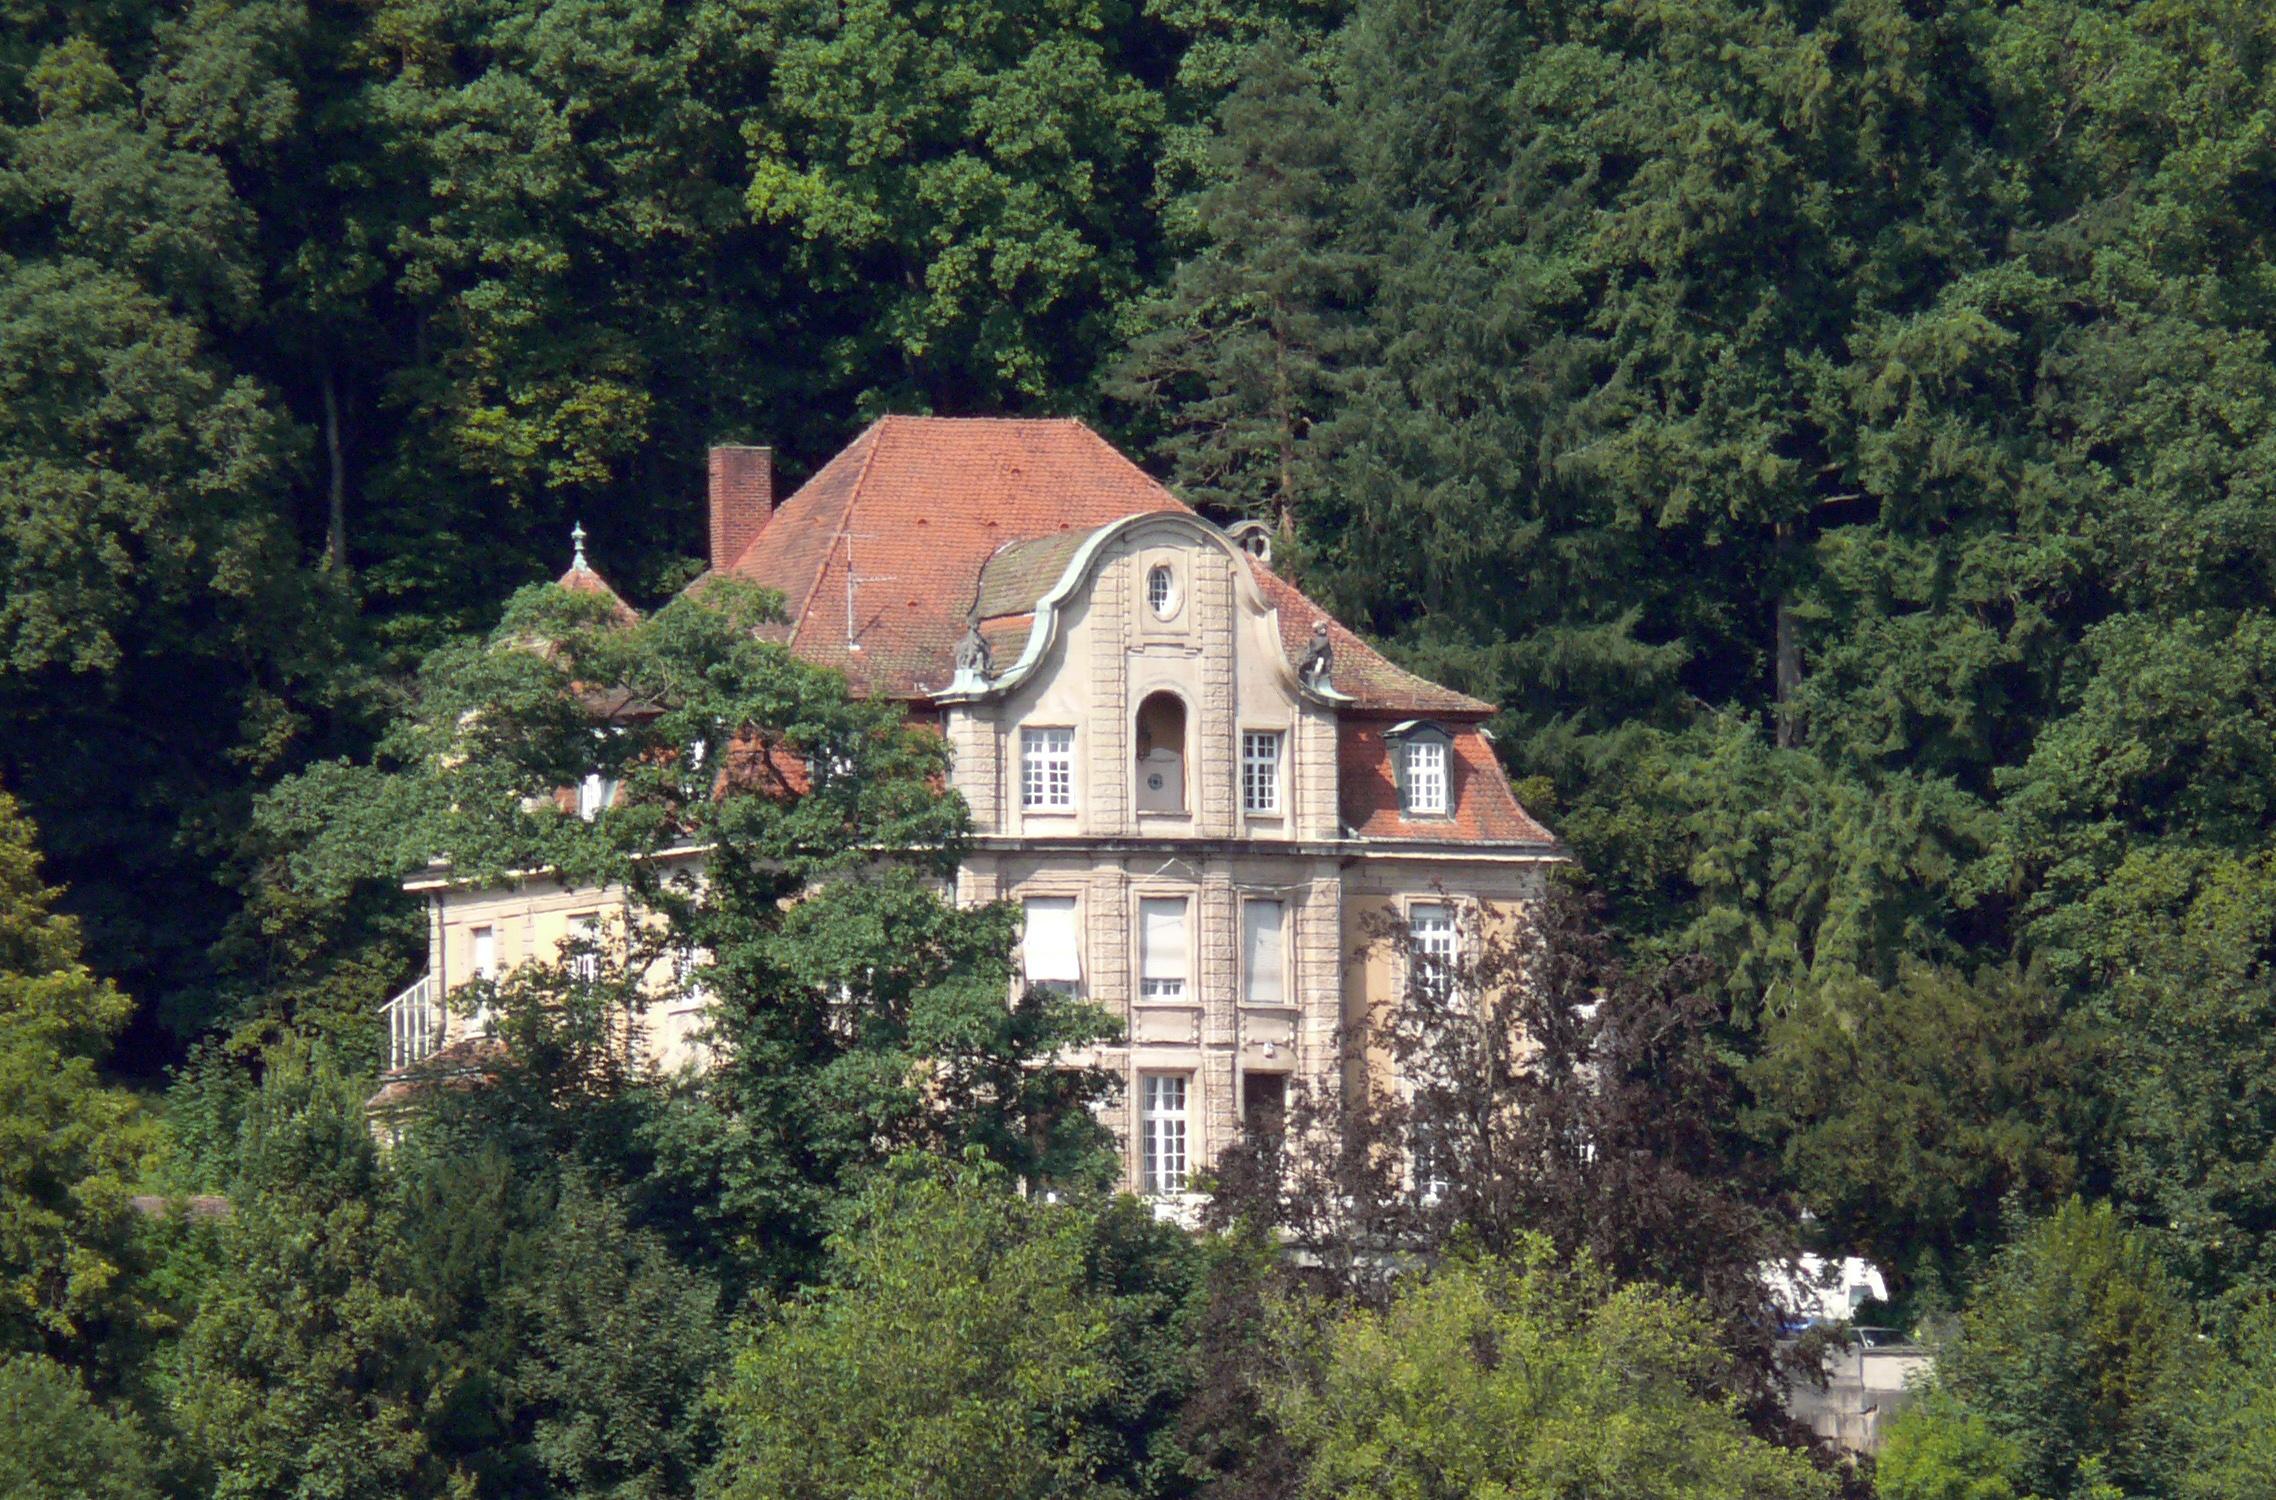 Villa Franck Murrhardt  Ef Bf Bdffnungszeiten